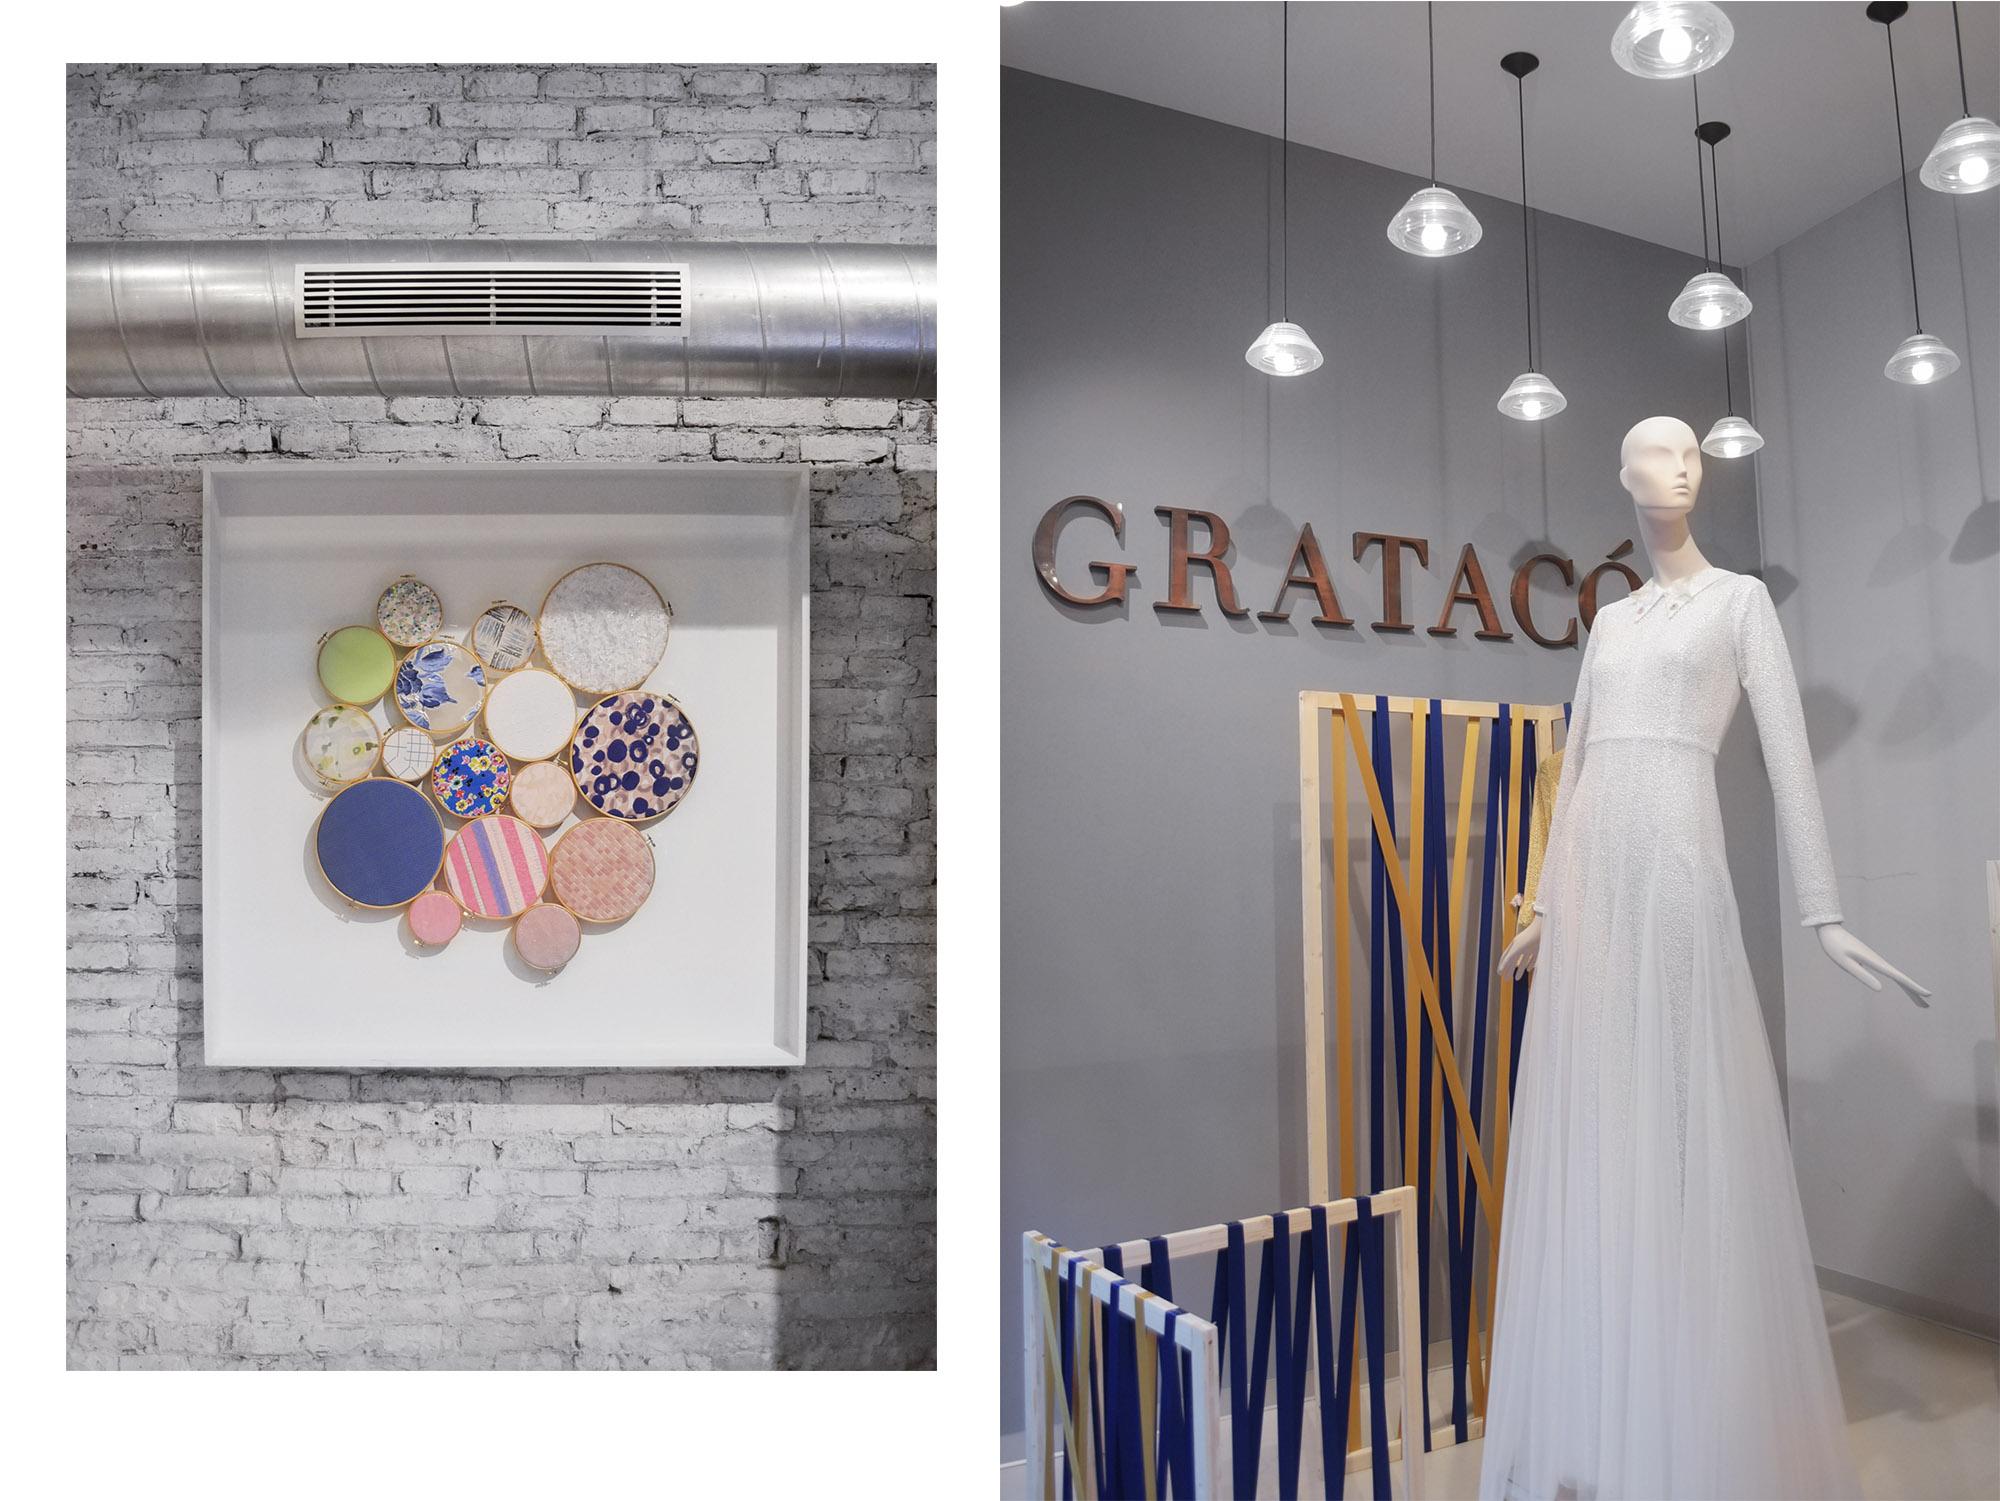 gratacos-10